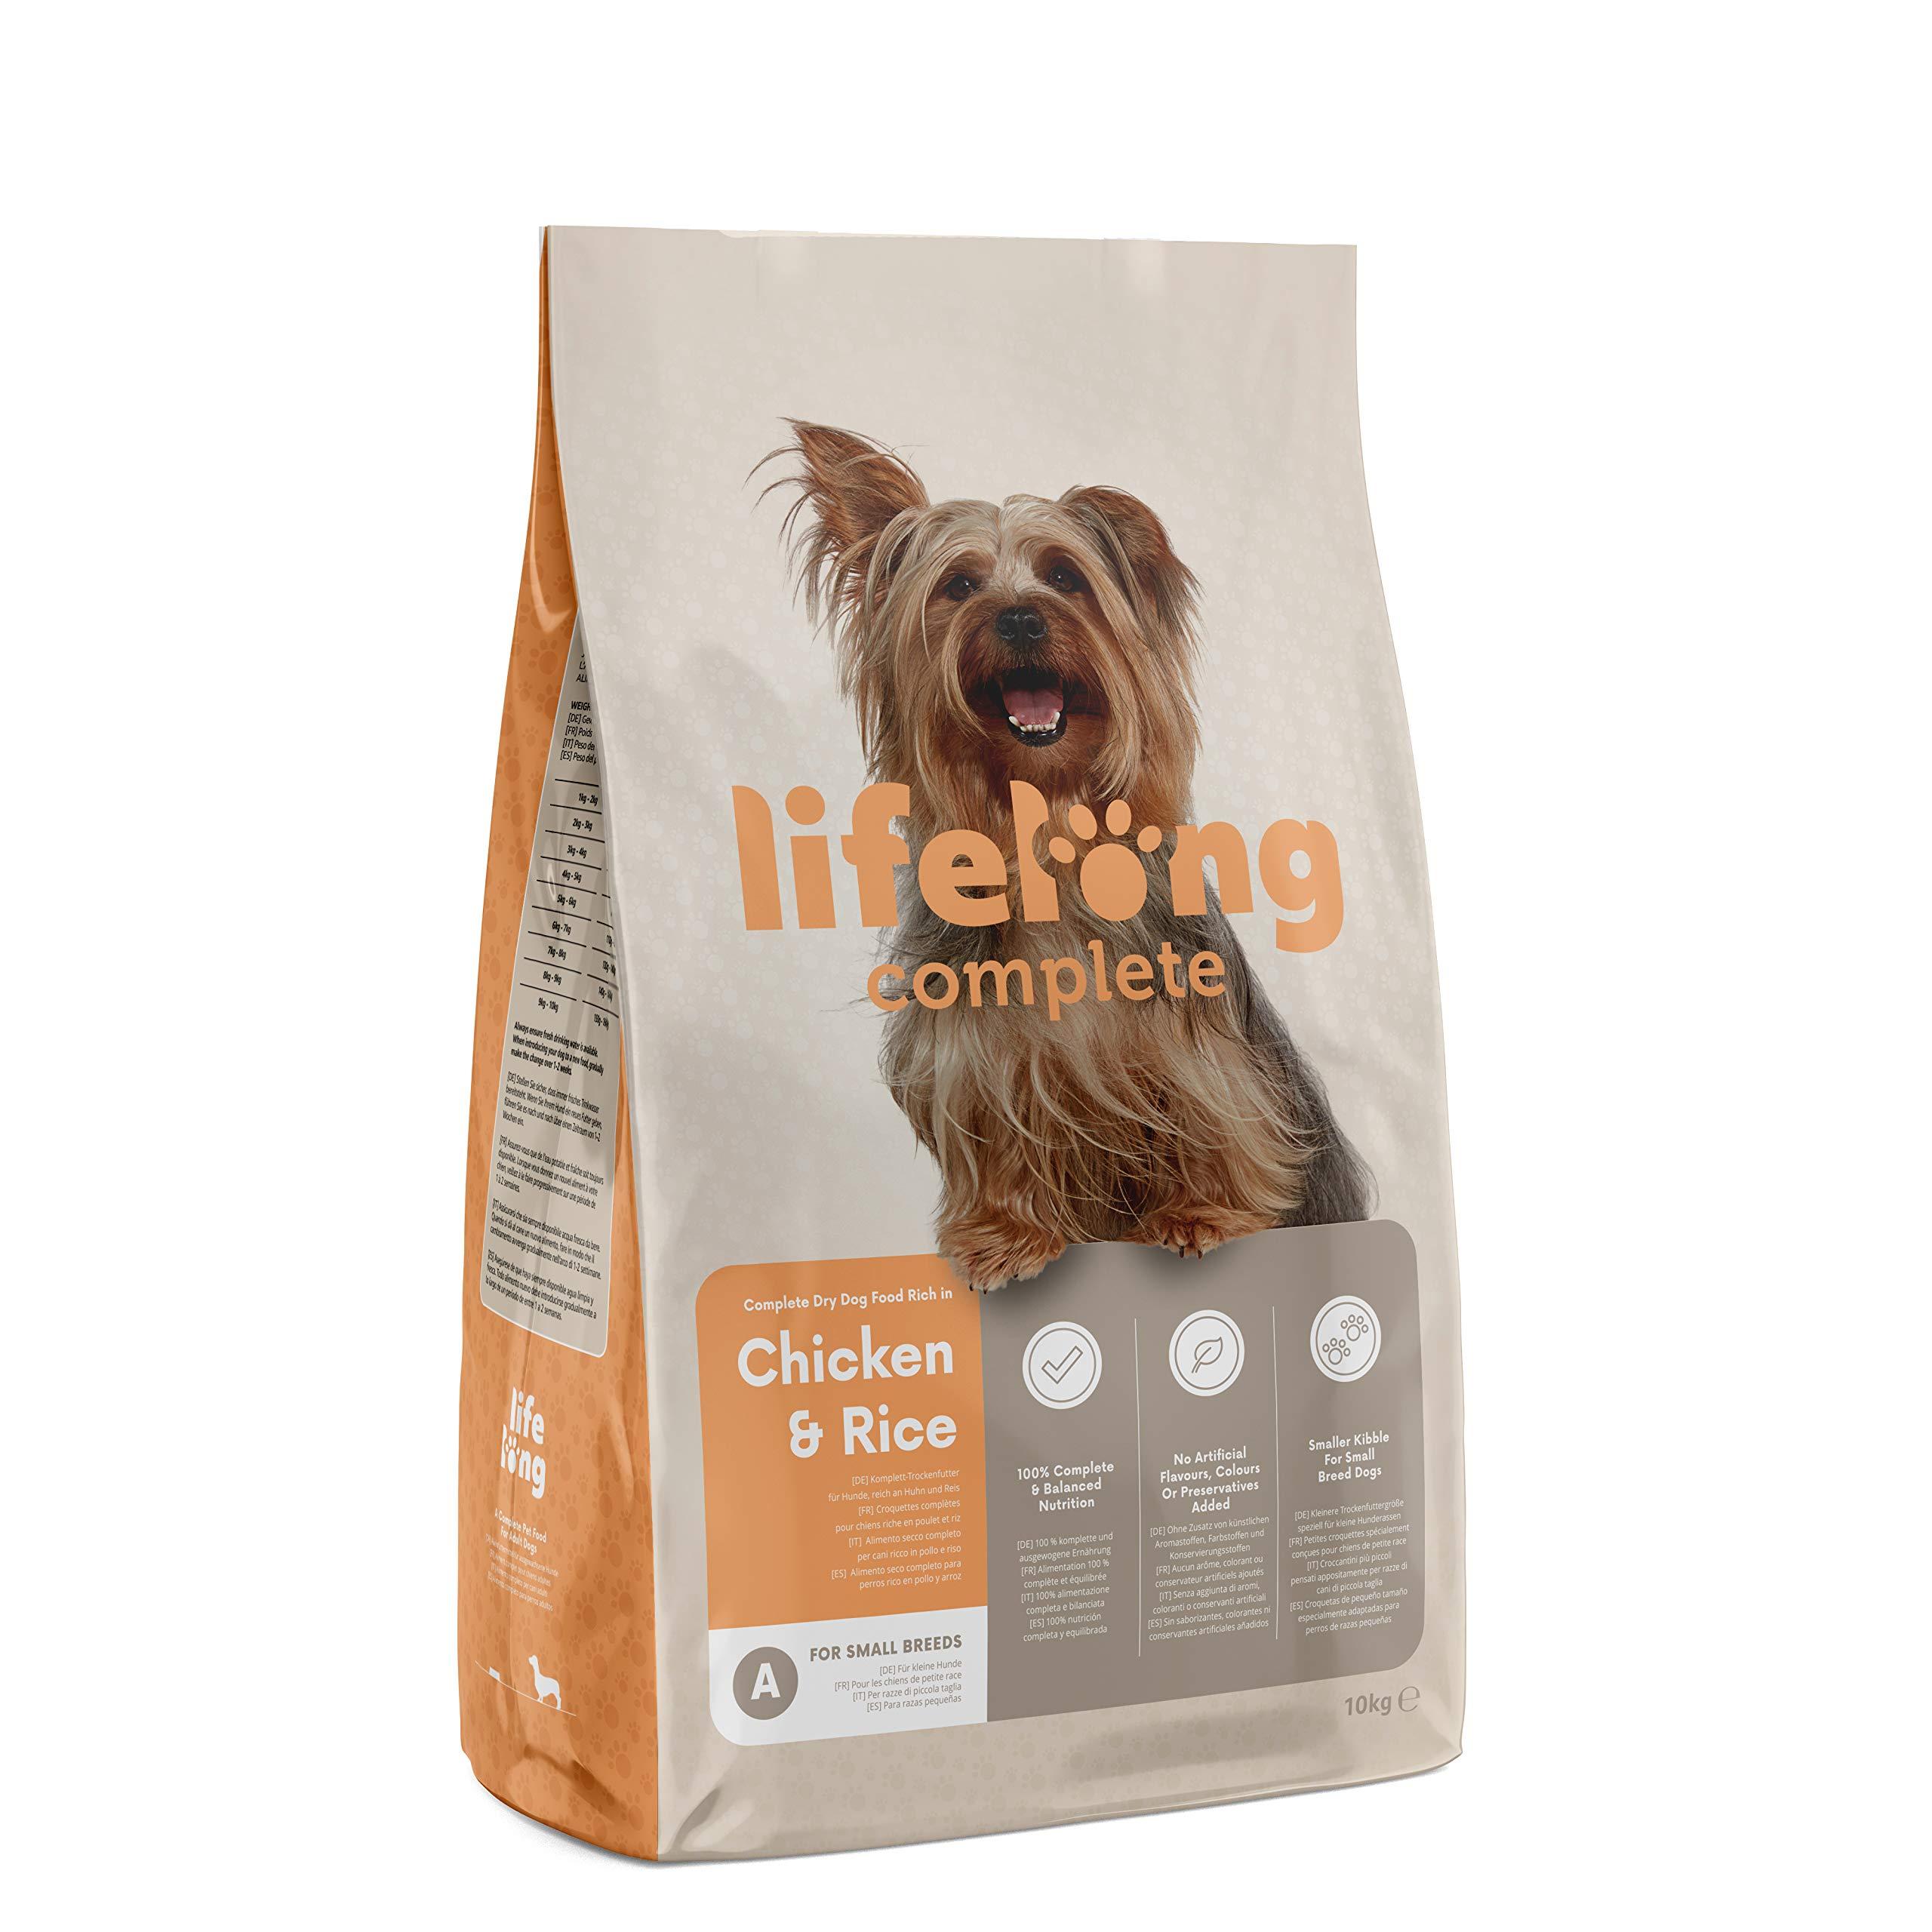 Marca Amazon - Lifelong Complete- Alimento seco completo para perros (razas pequeñas) rico